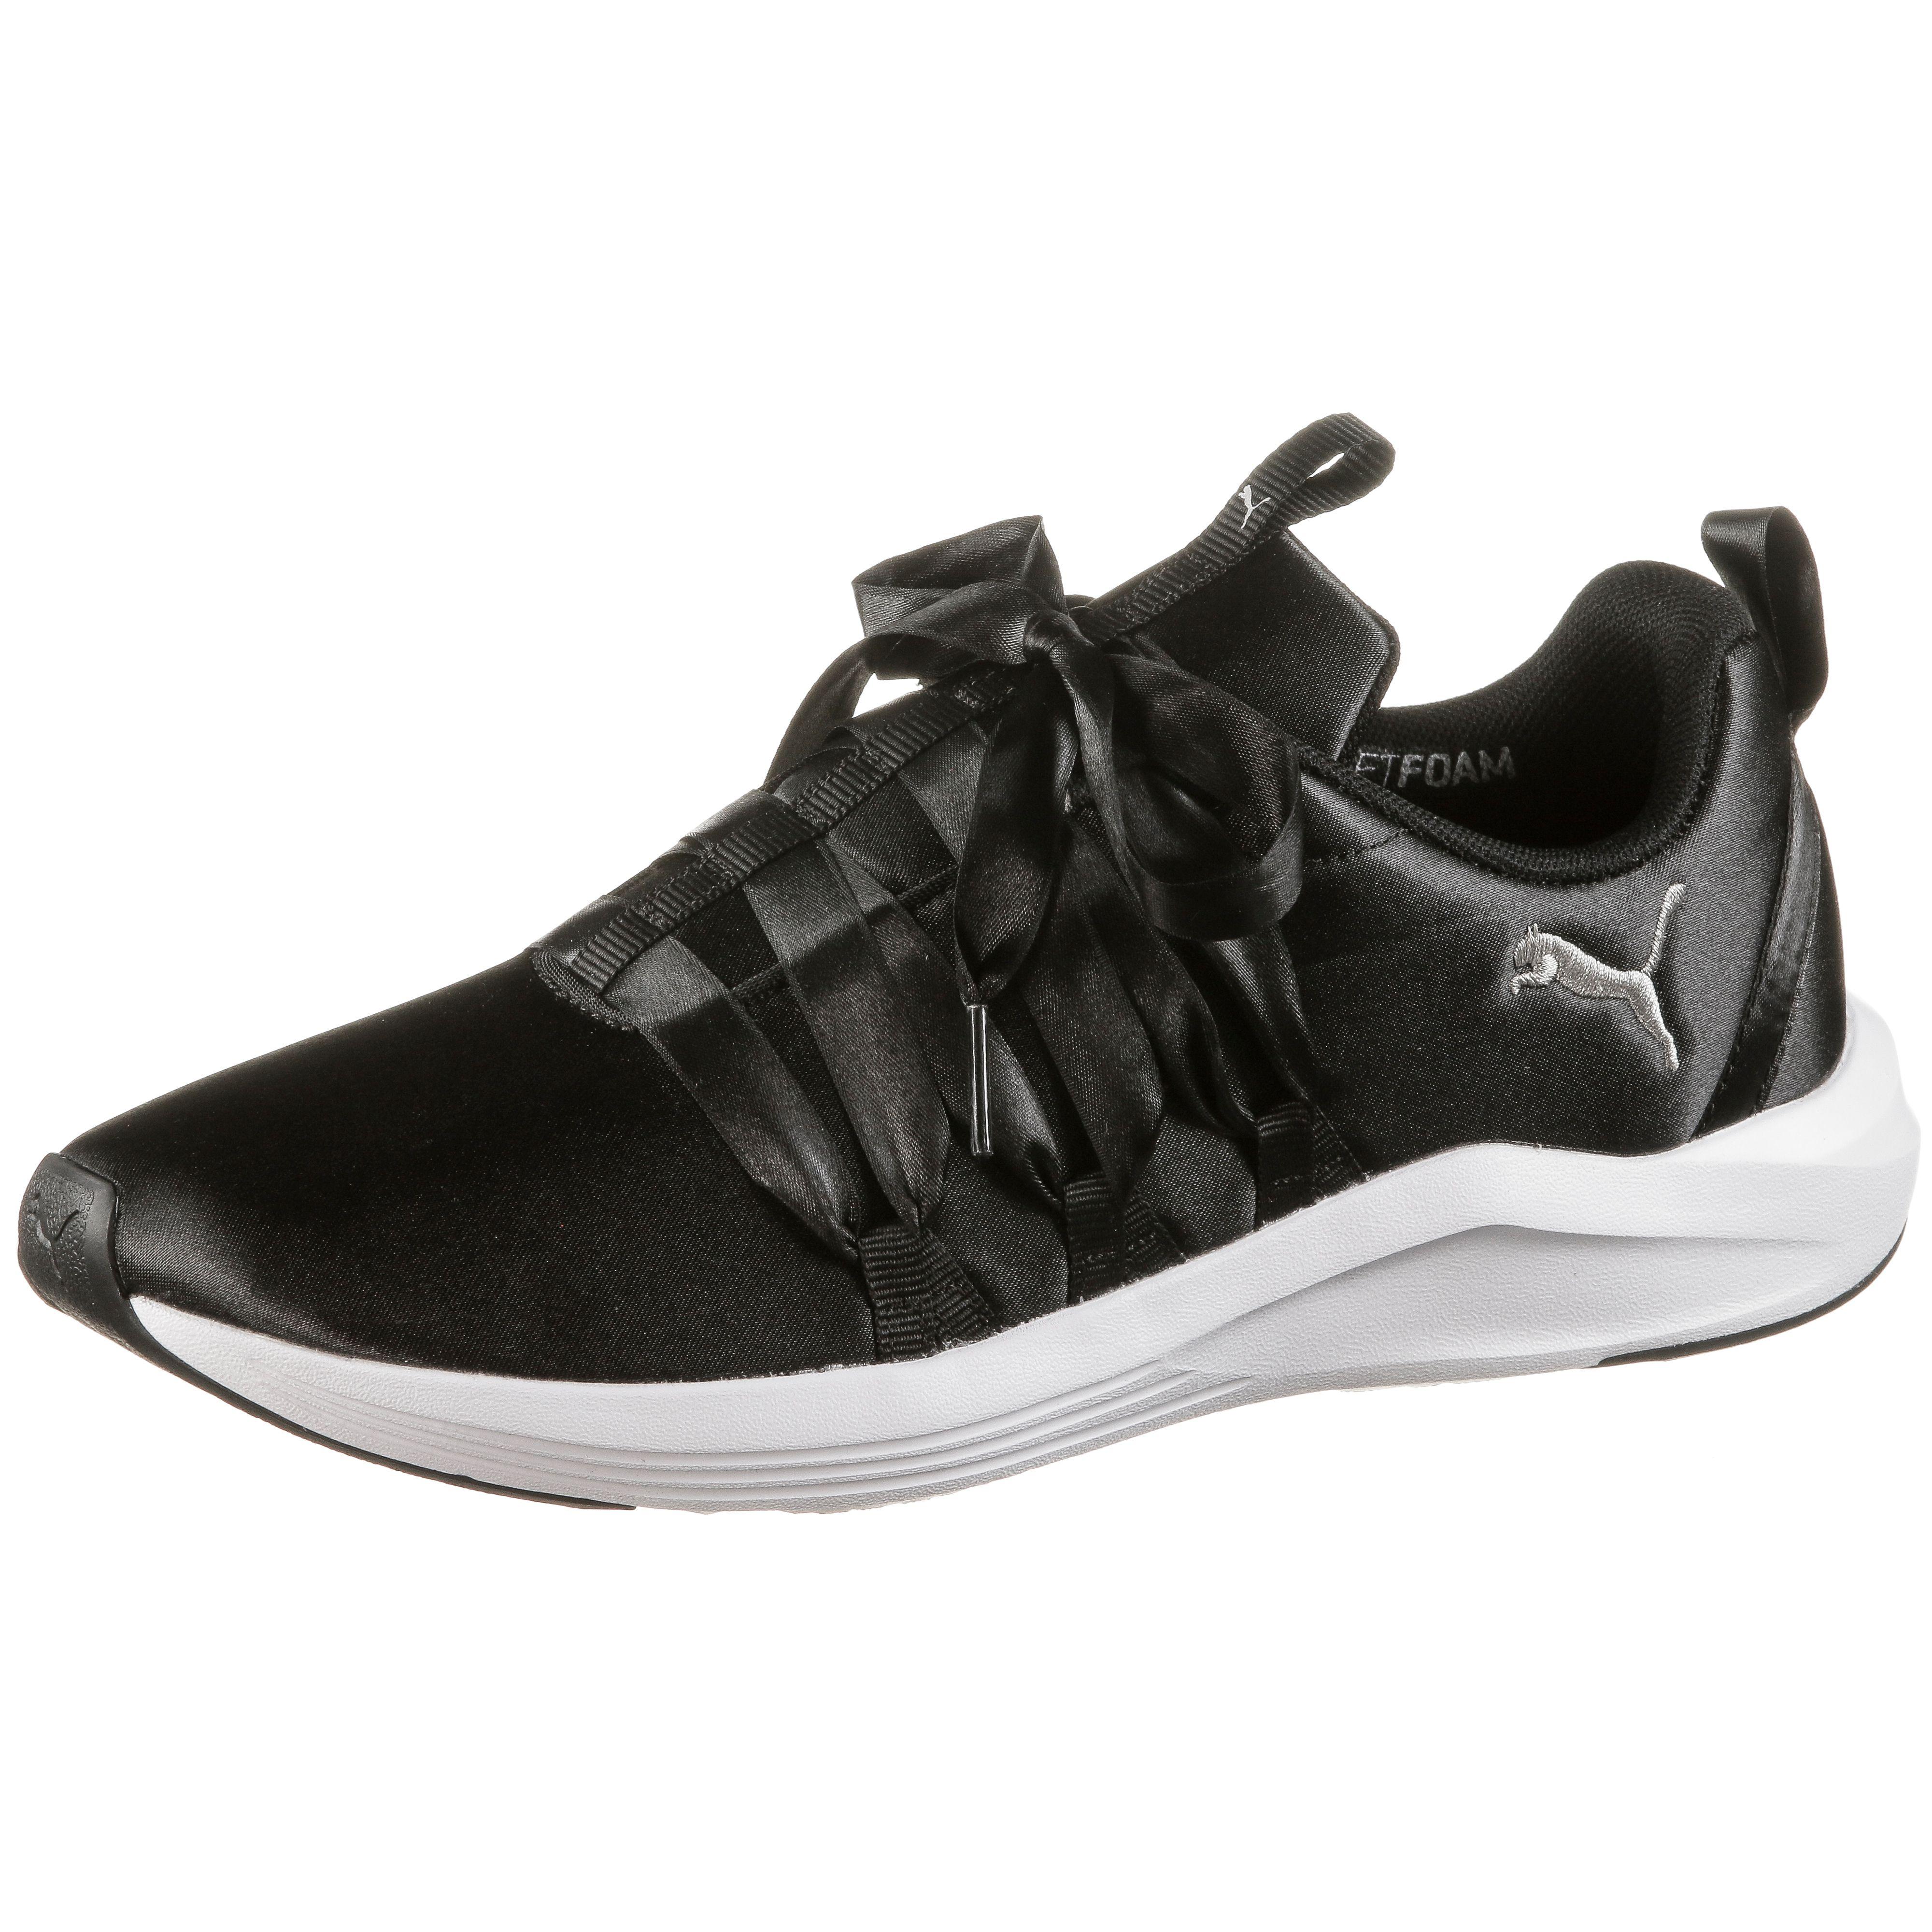 PUMA 'Flex Essential' Fitnessschuhe schwarz / weiß Fc0y8o4y